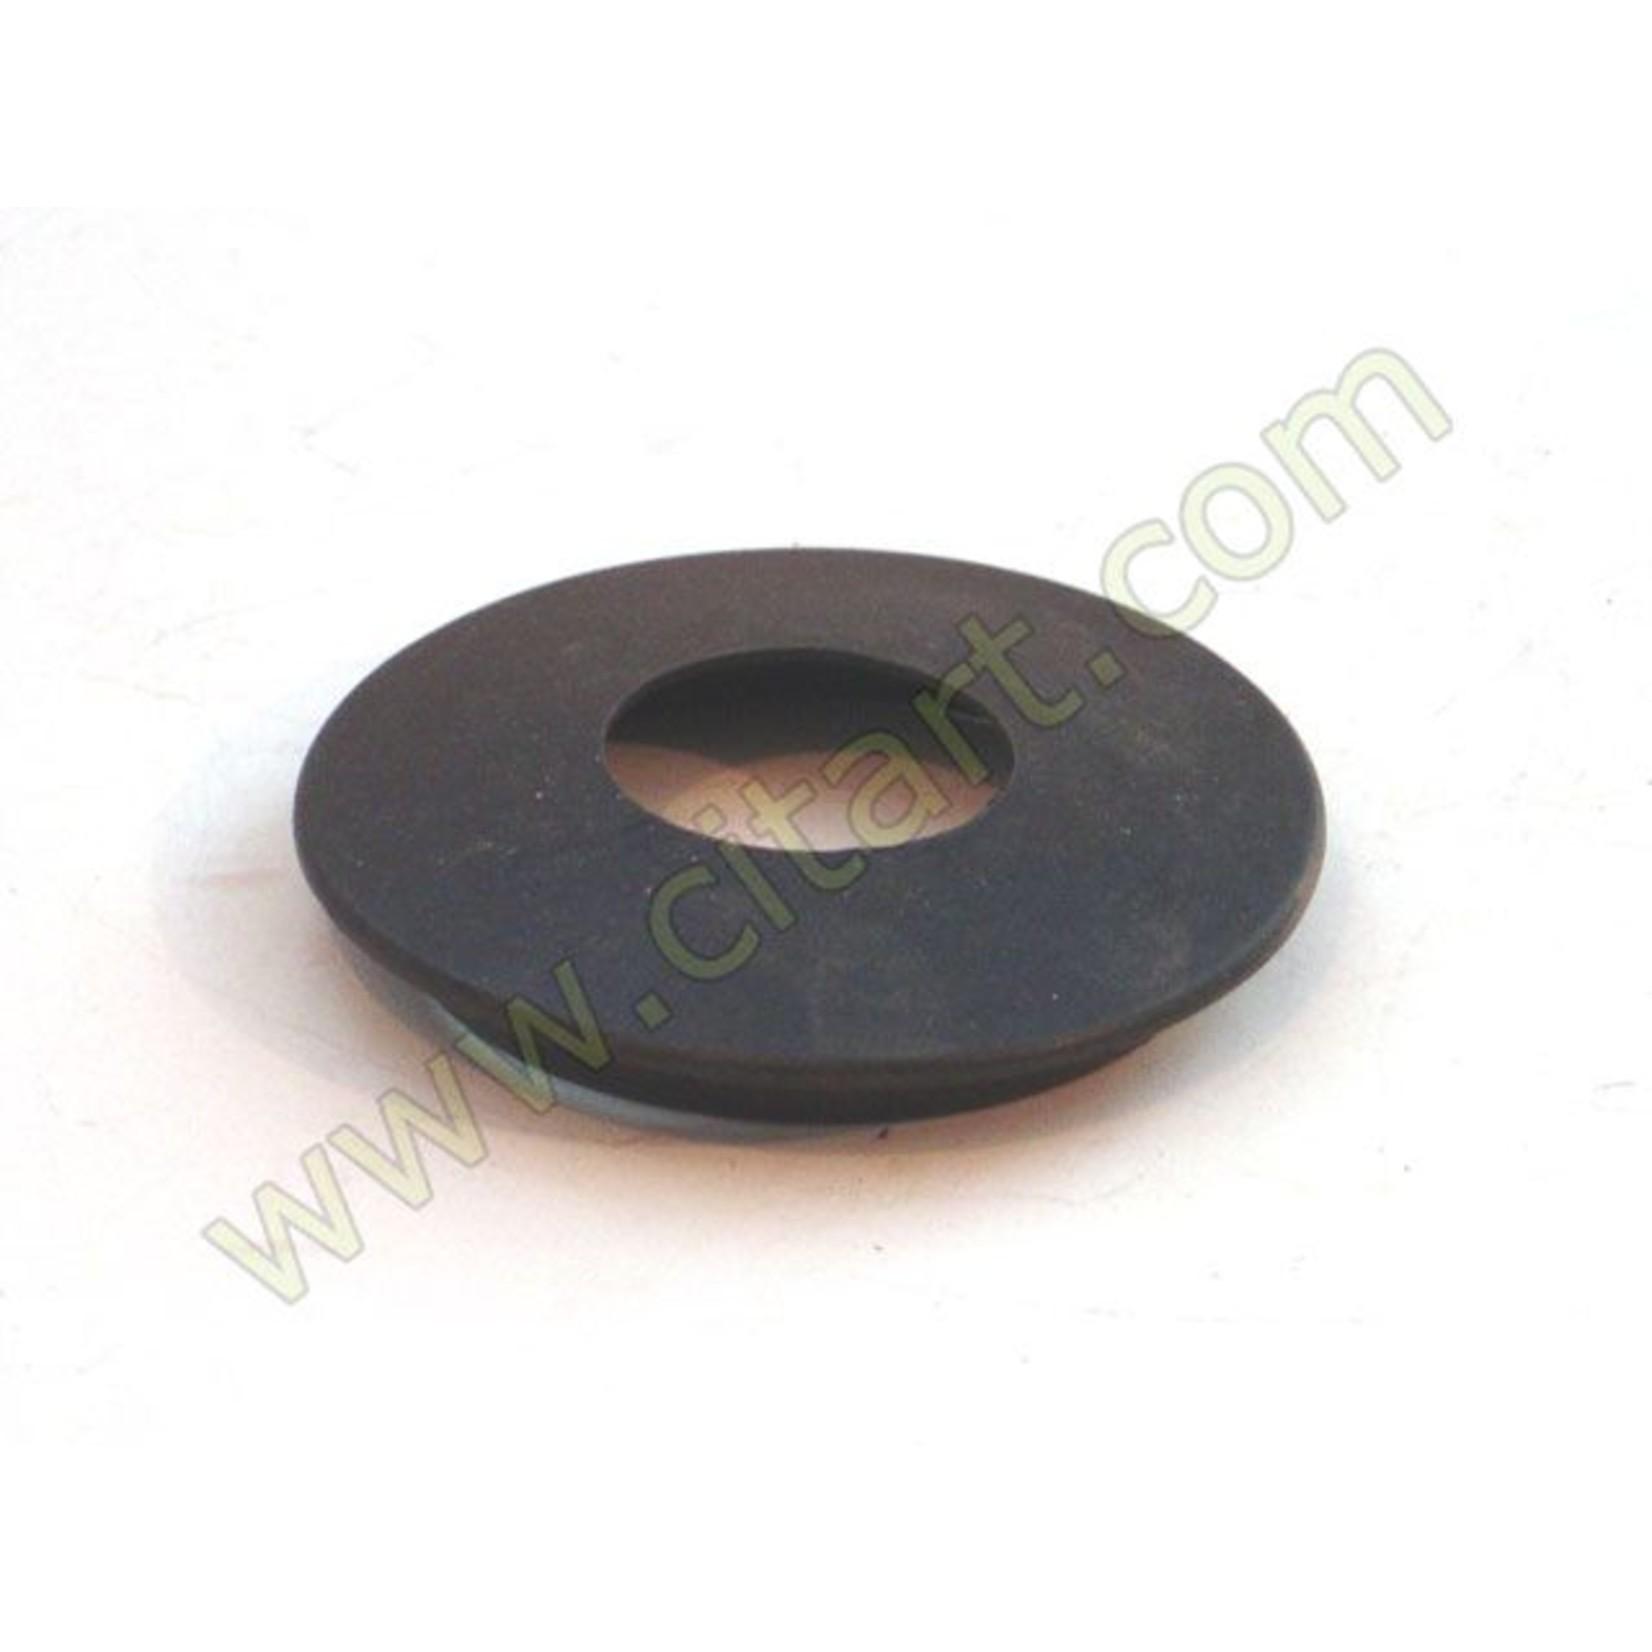 Collar de caucho de tubo llenado negra Nr Org: ZC9807107U